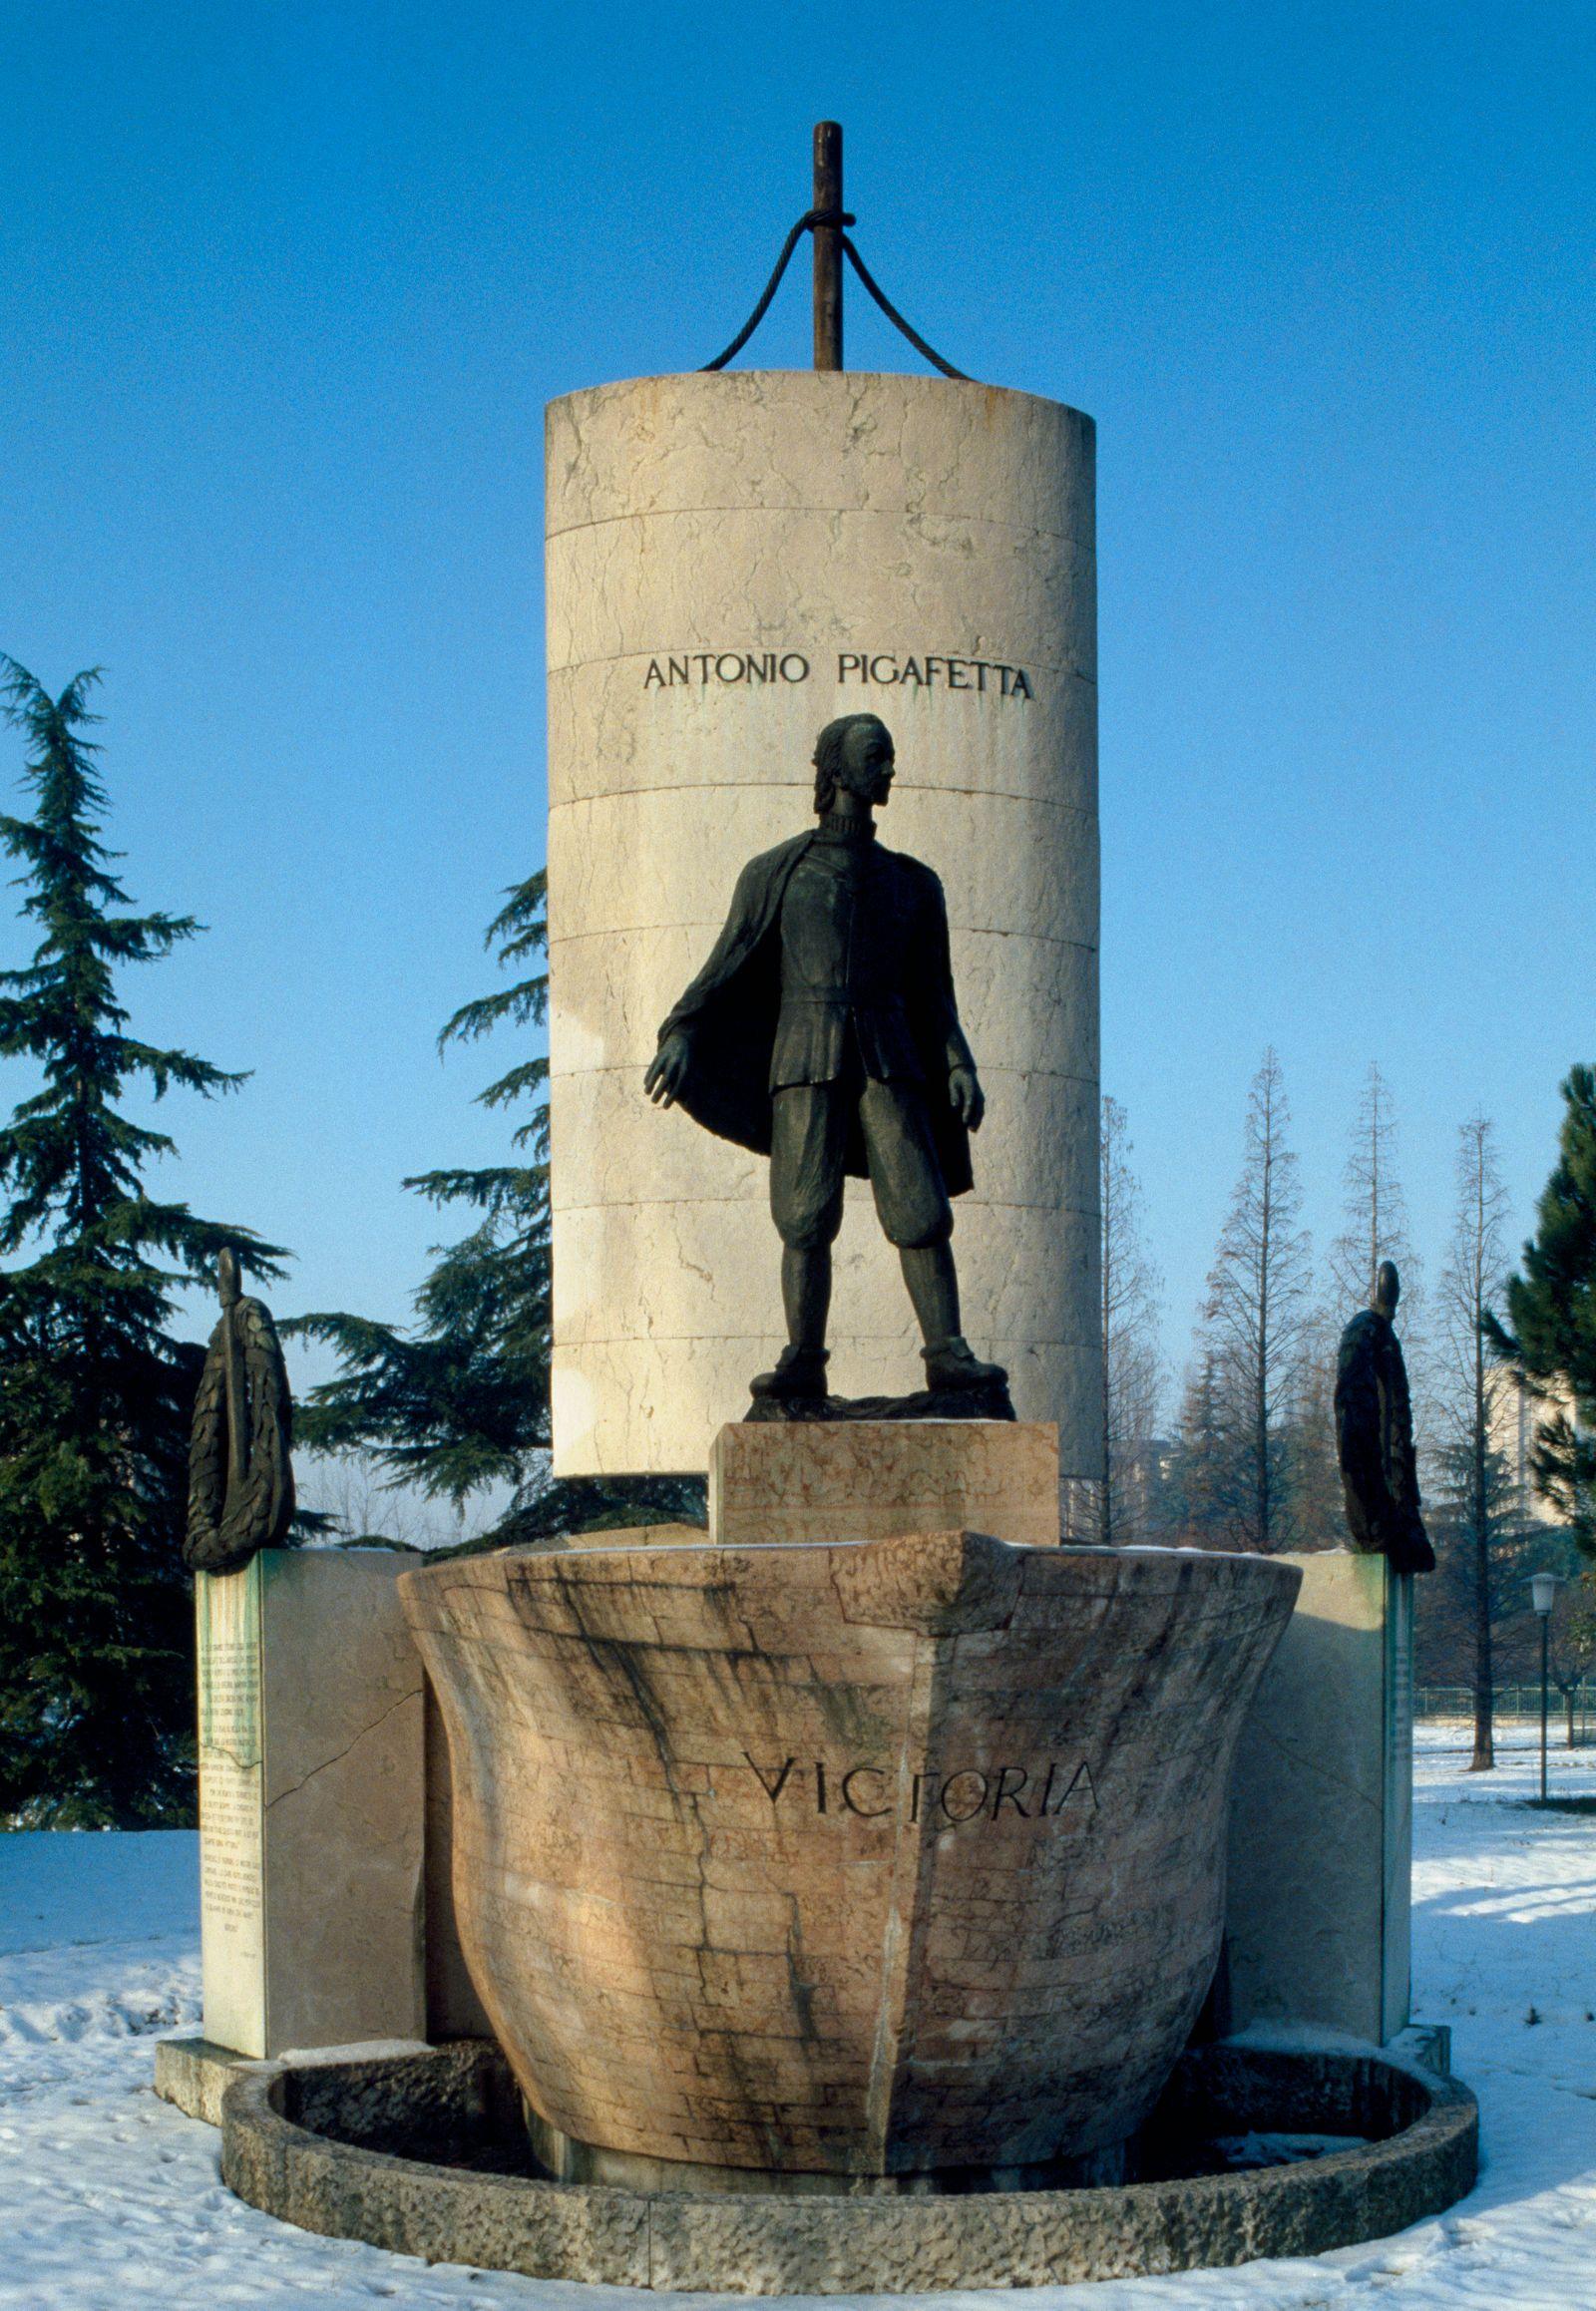 Monument to Antonio Pigafetta